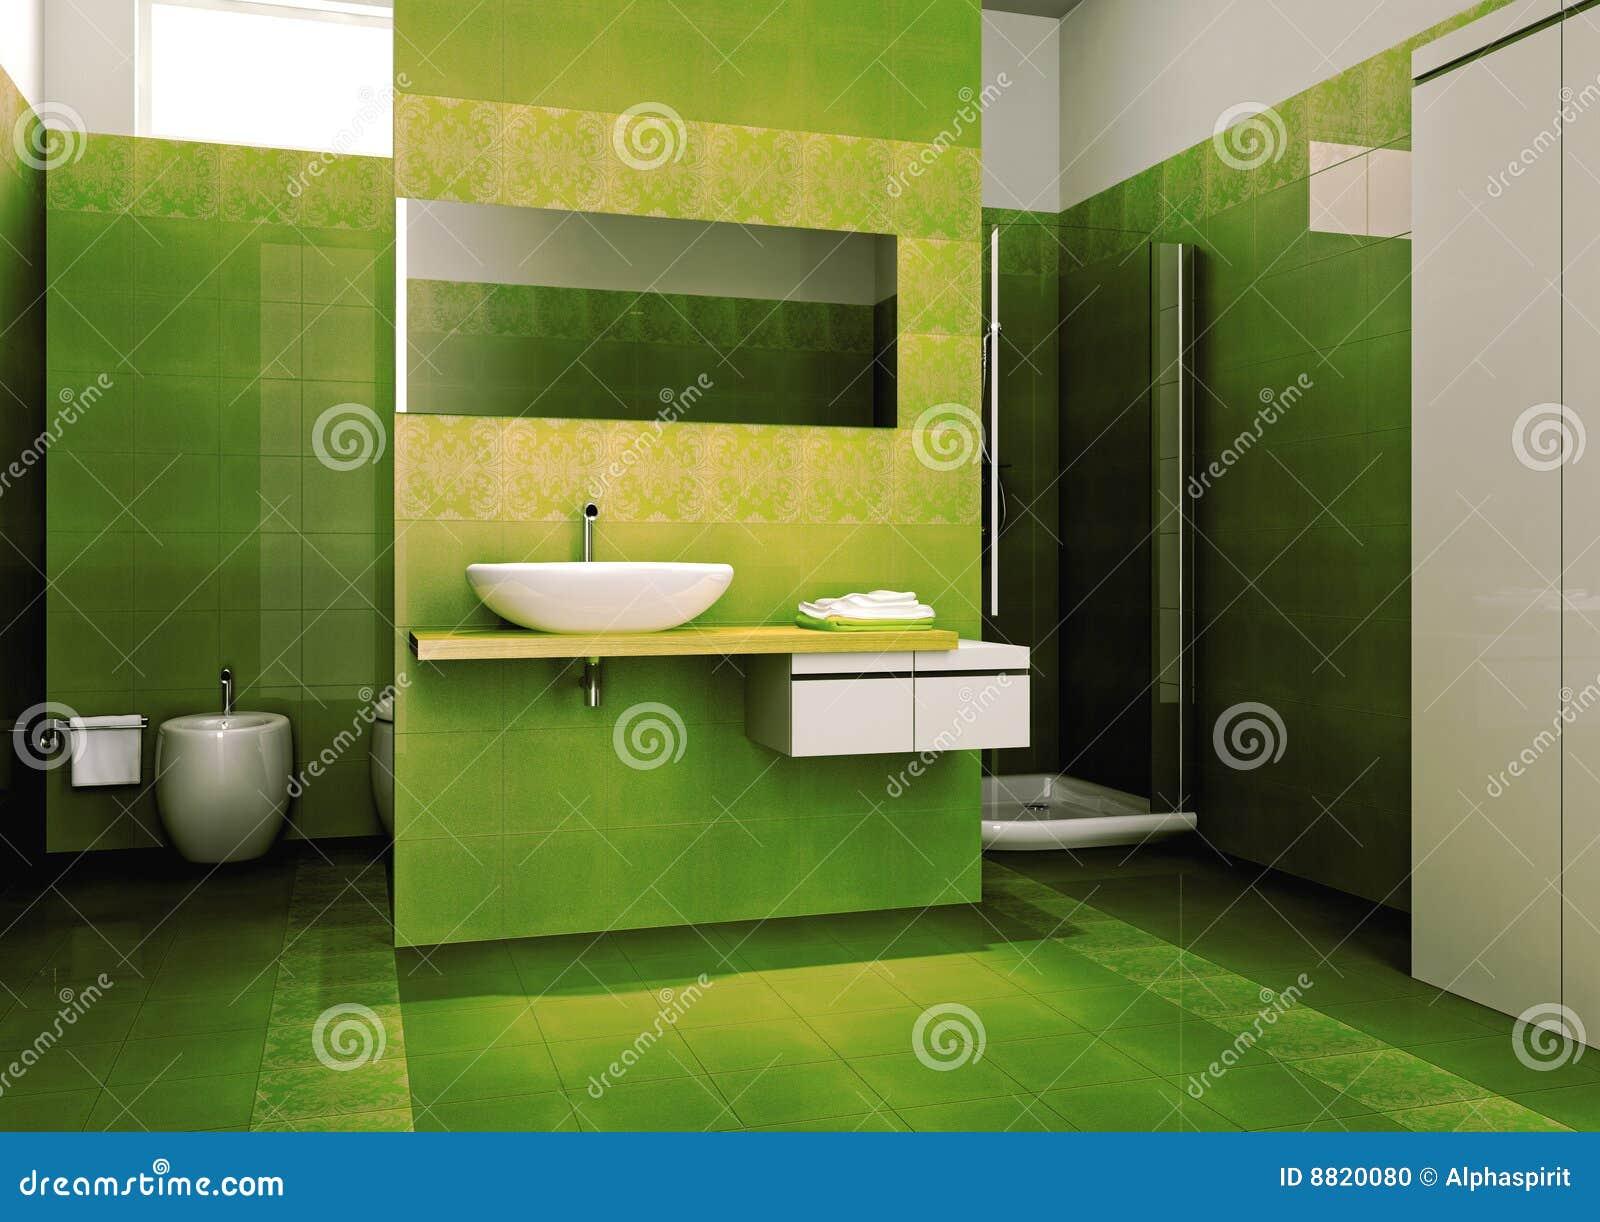 Imagens de #4A6A1D Banheiro Verde Foto de Stock Imagem: 8820080 1300x1010 px 3596 Banheiros Verdes Fotos